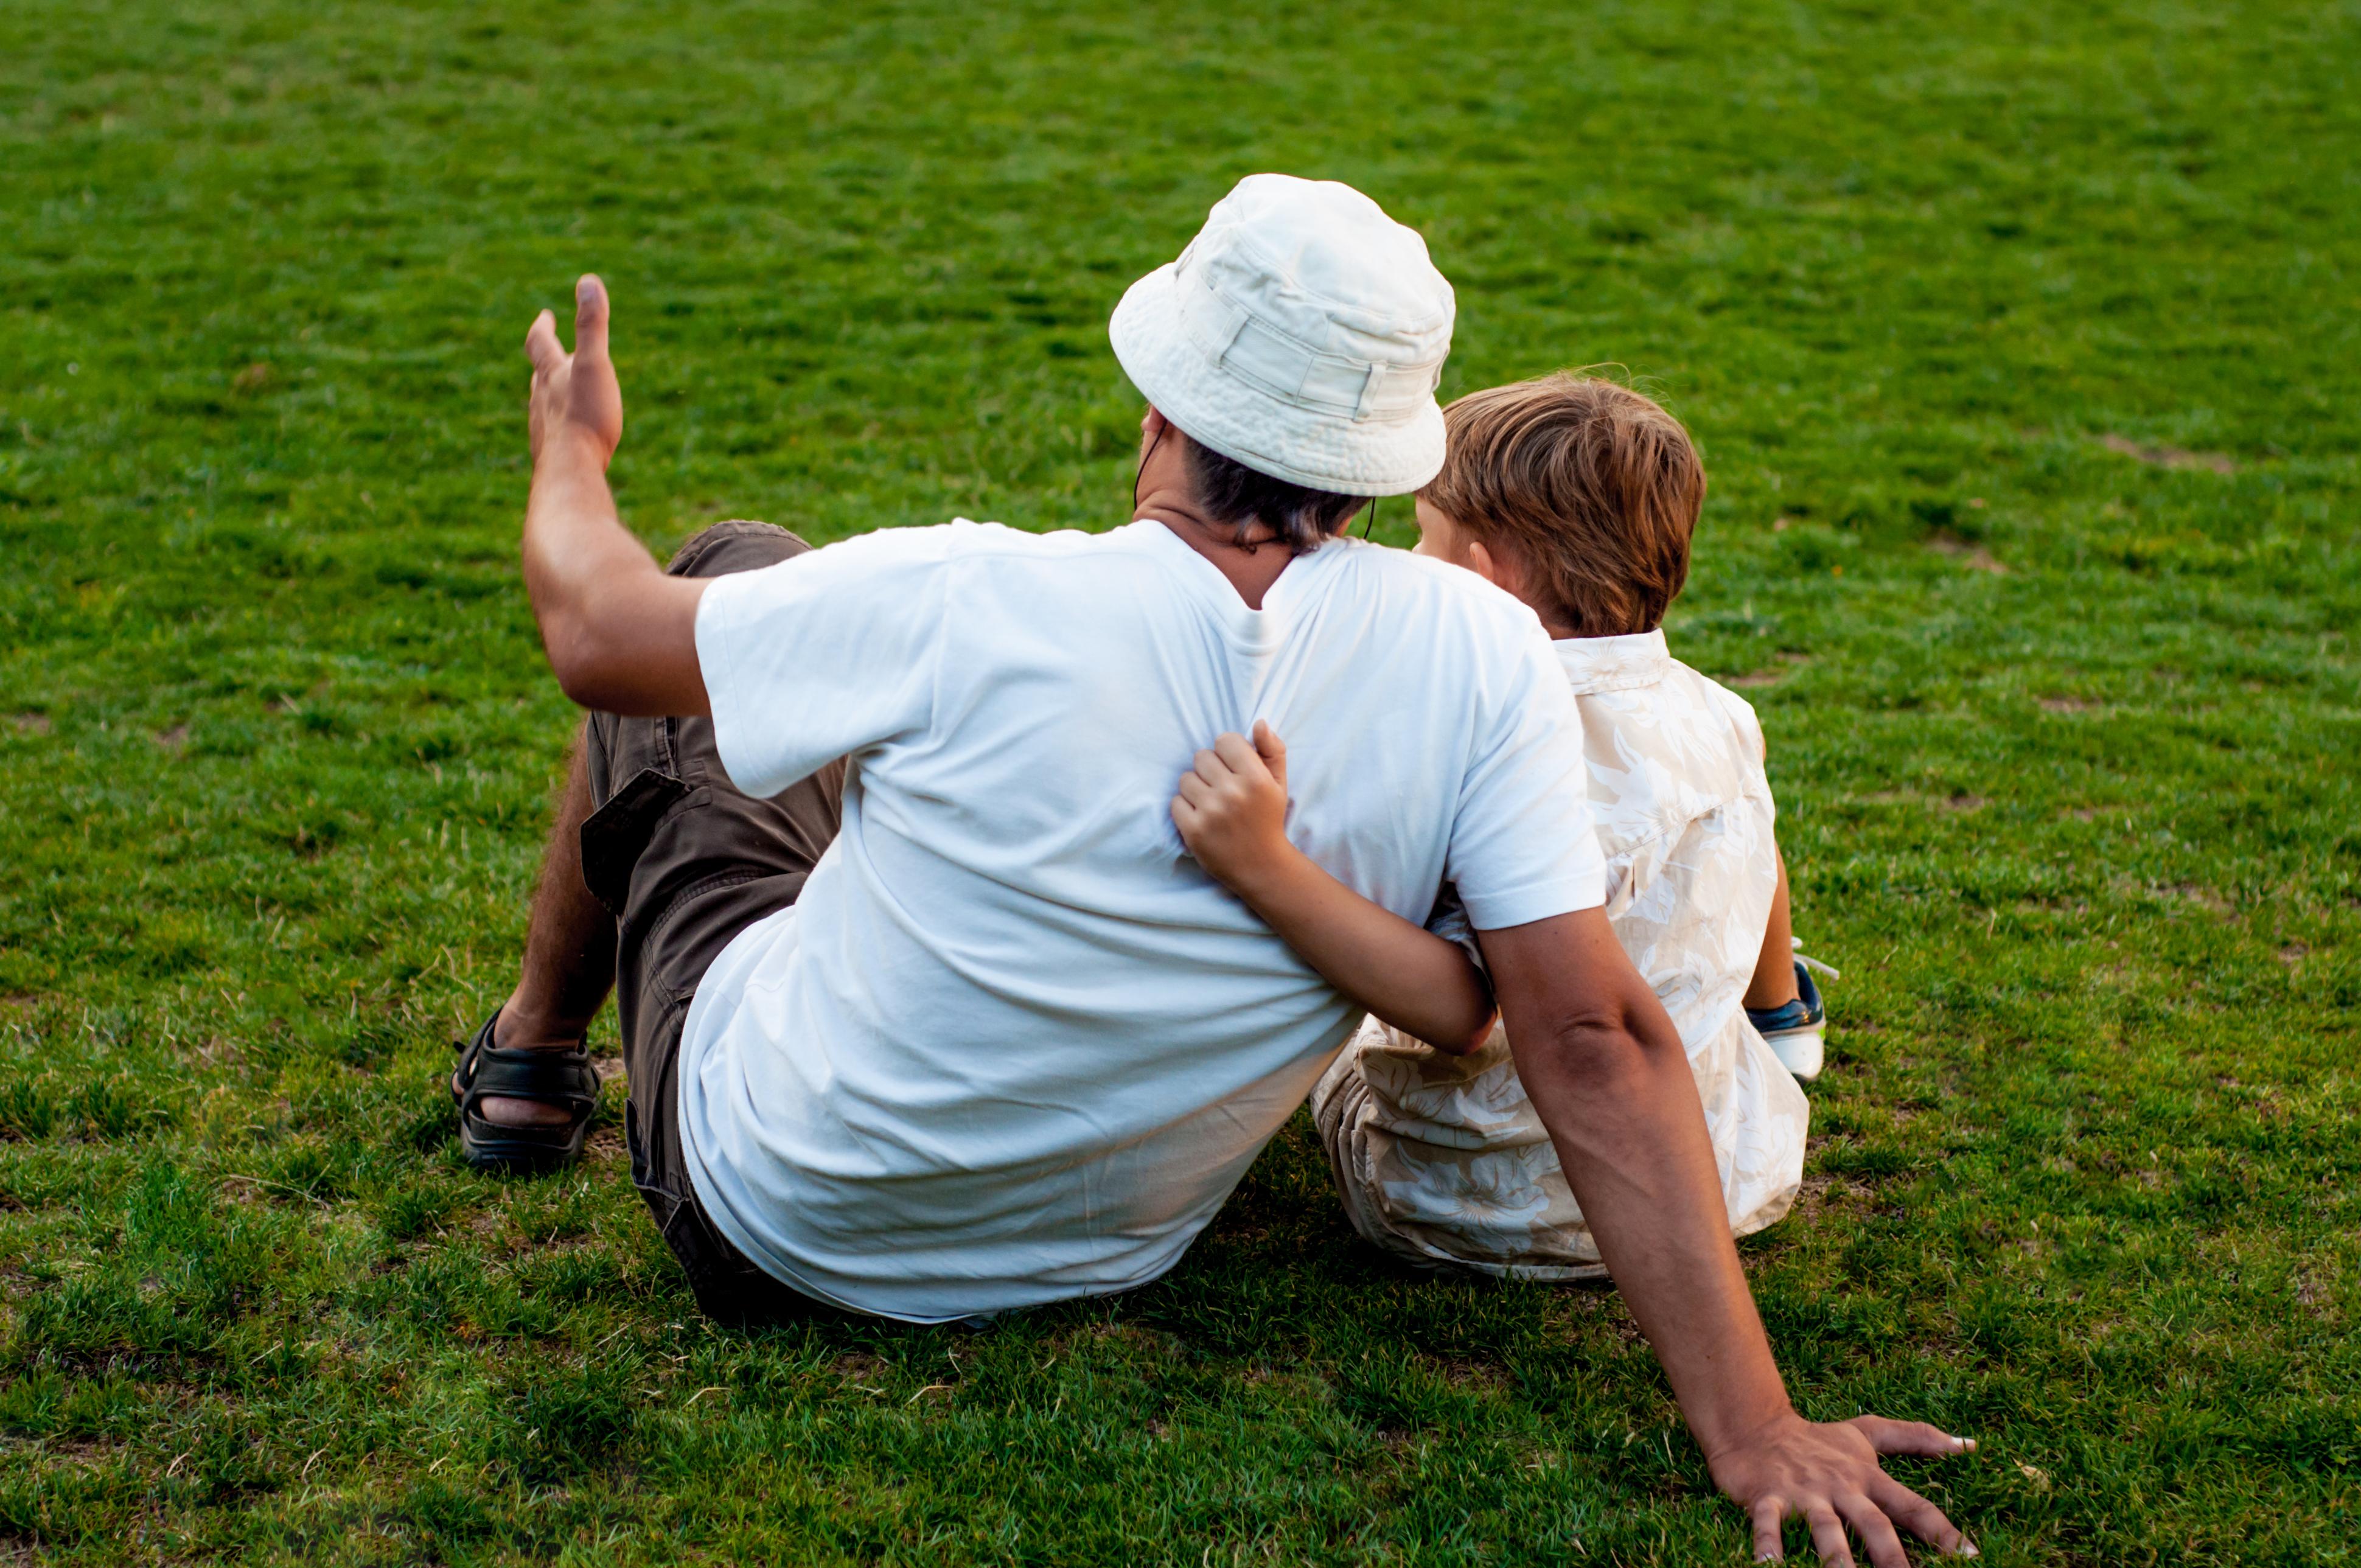 Barnet behöver få svar på sina frågor då det hjälper till att känna en större kontroll och samtidigt bli lugnad.